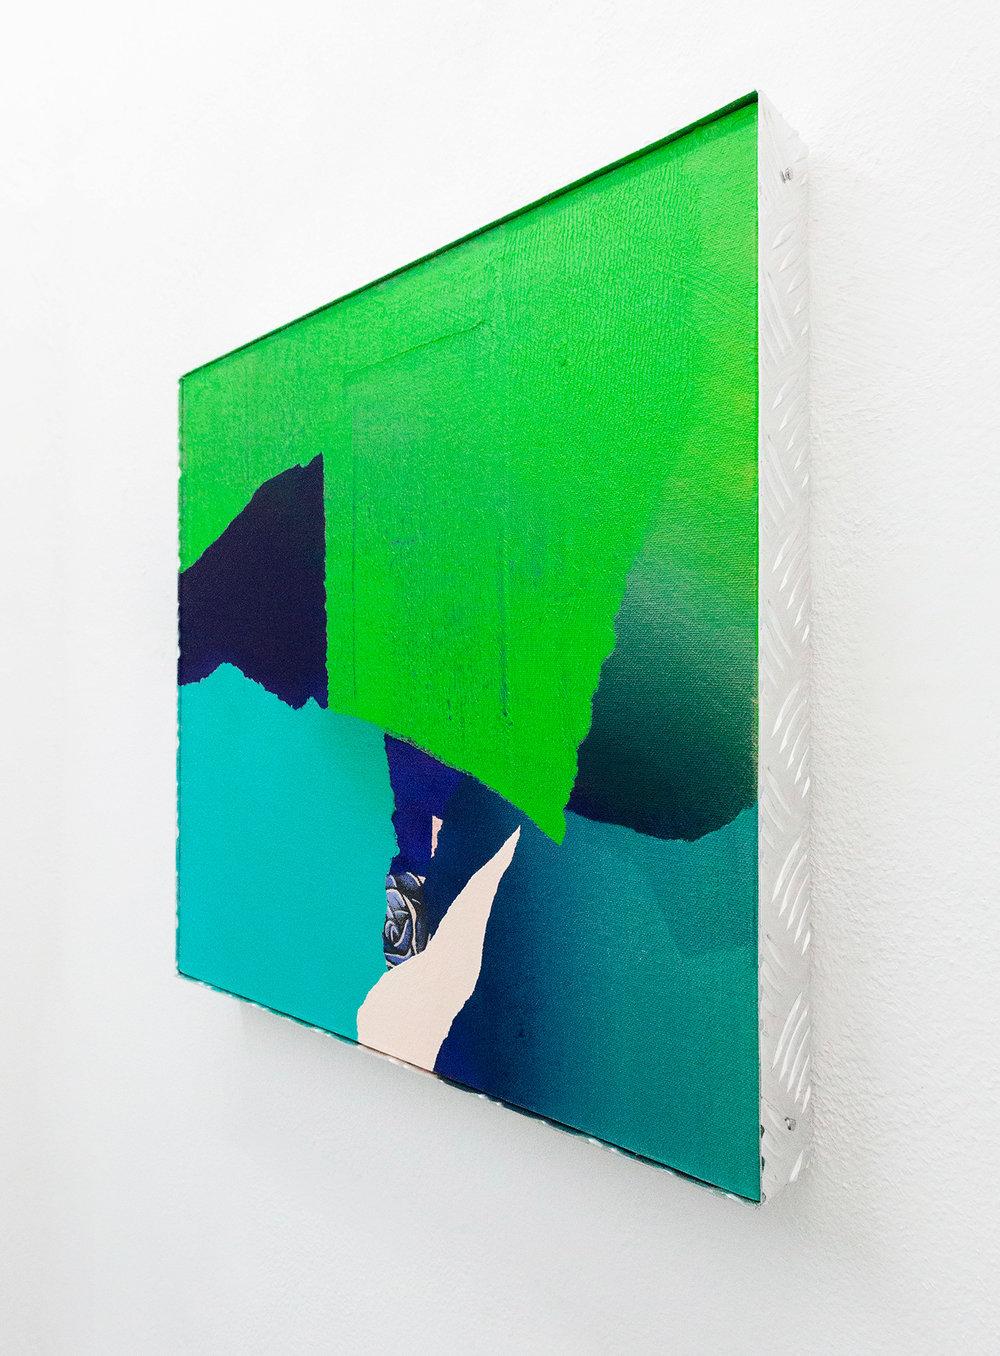 9 Andrea Martinucci - Glory Black Hole, exhibition view, Dimora Artica (ph Andrea Cenetiempo).jpg